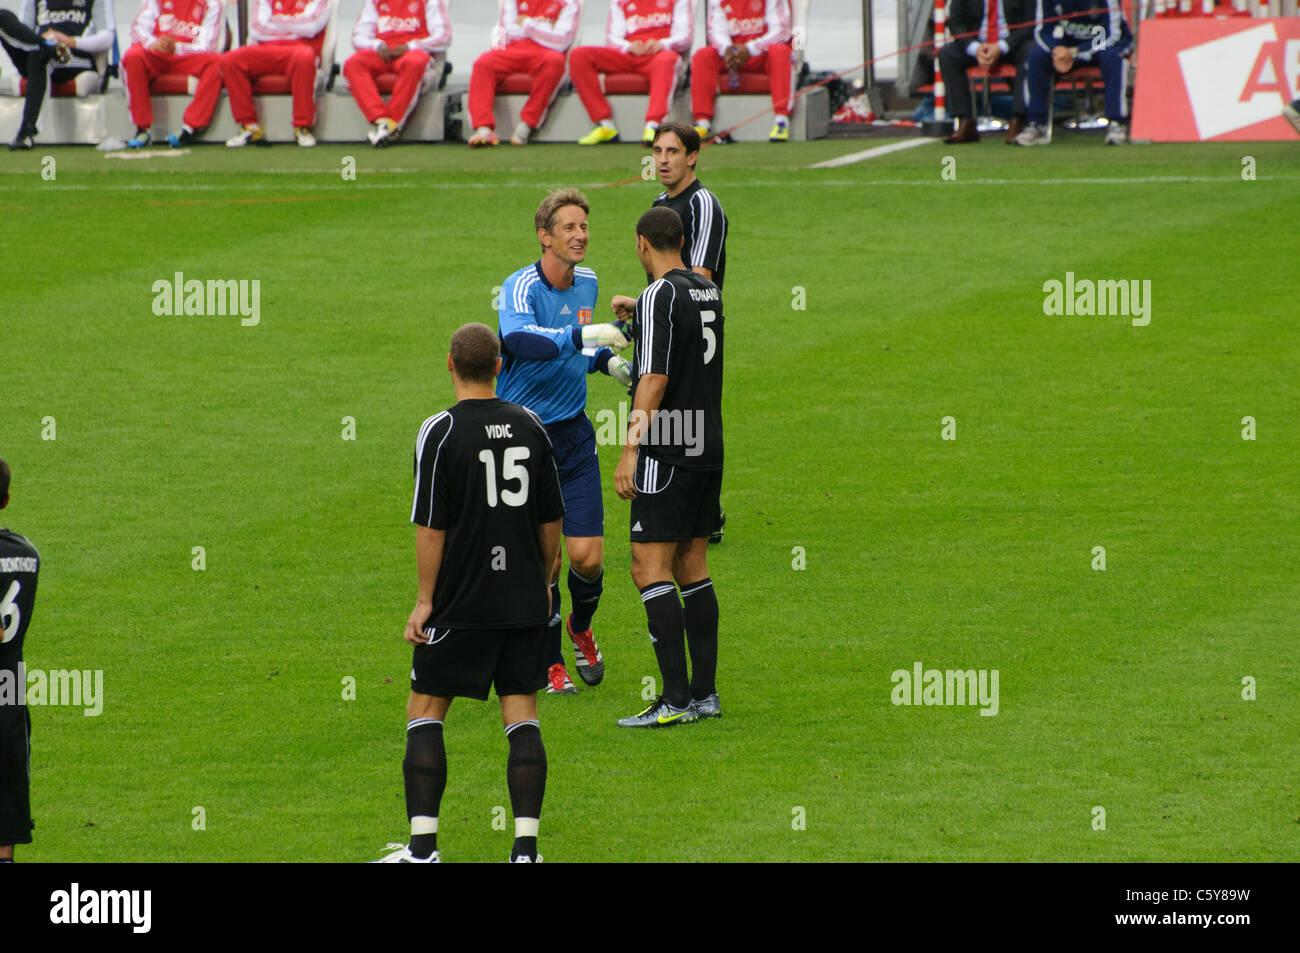 Edwin van der Sar Rio Ferdinand saludo de despedida antes de su partido con sus jugadores favoritos, como Nemanja Imagen De Stock